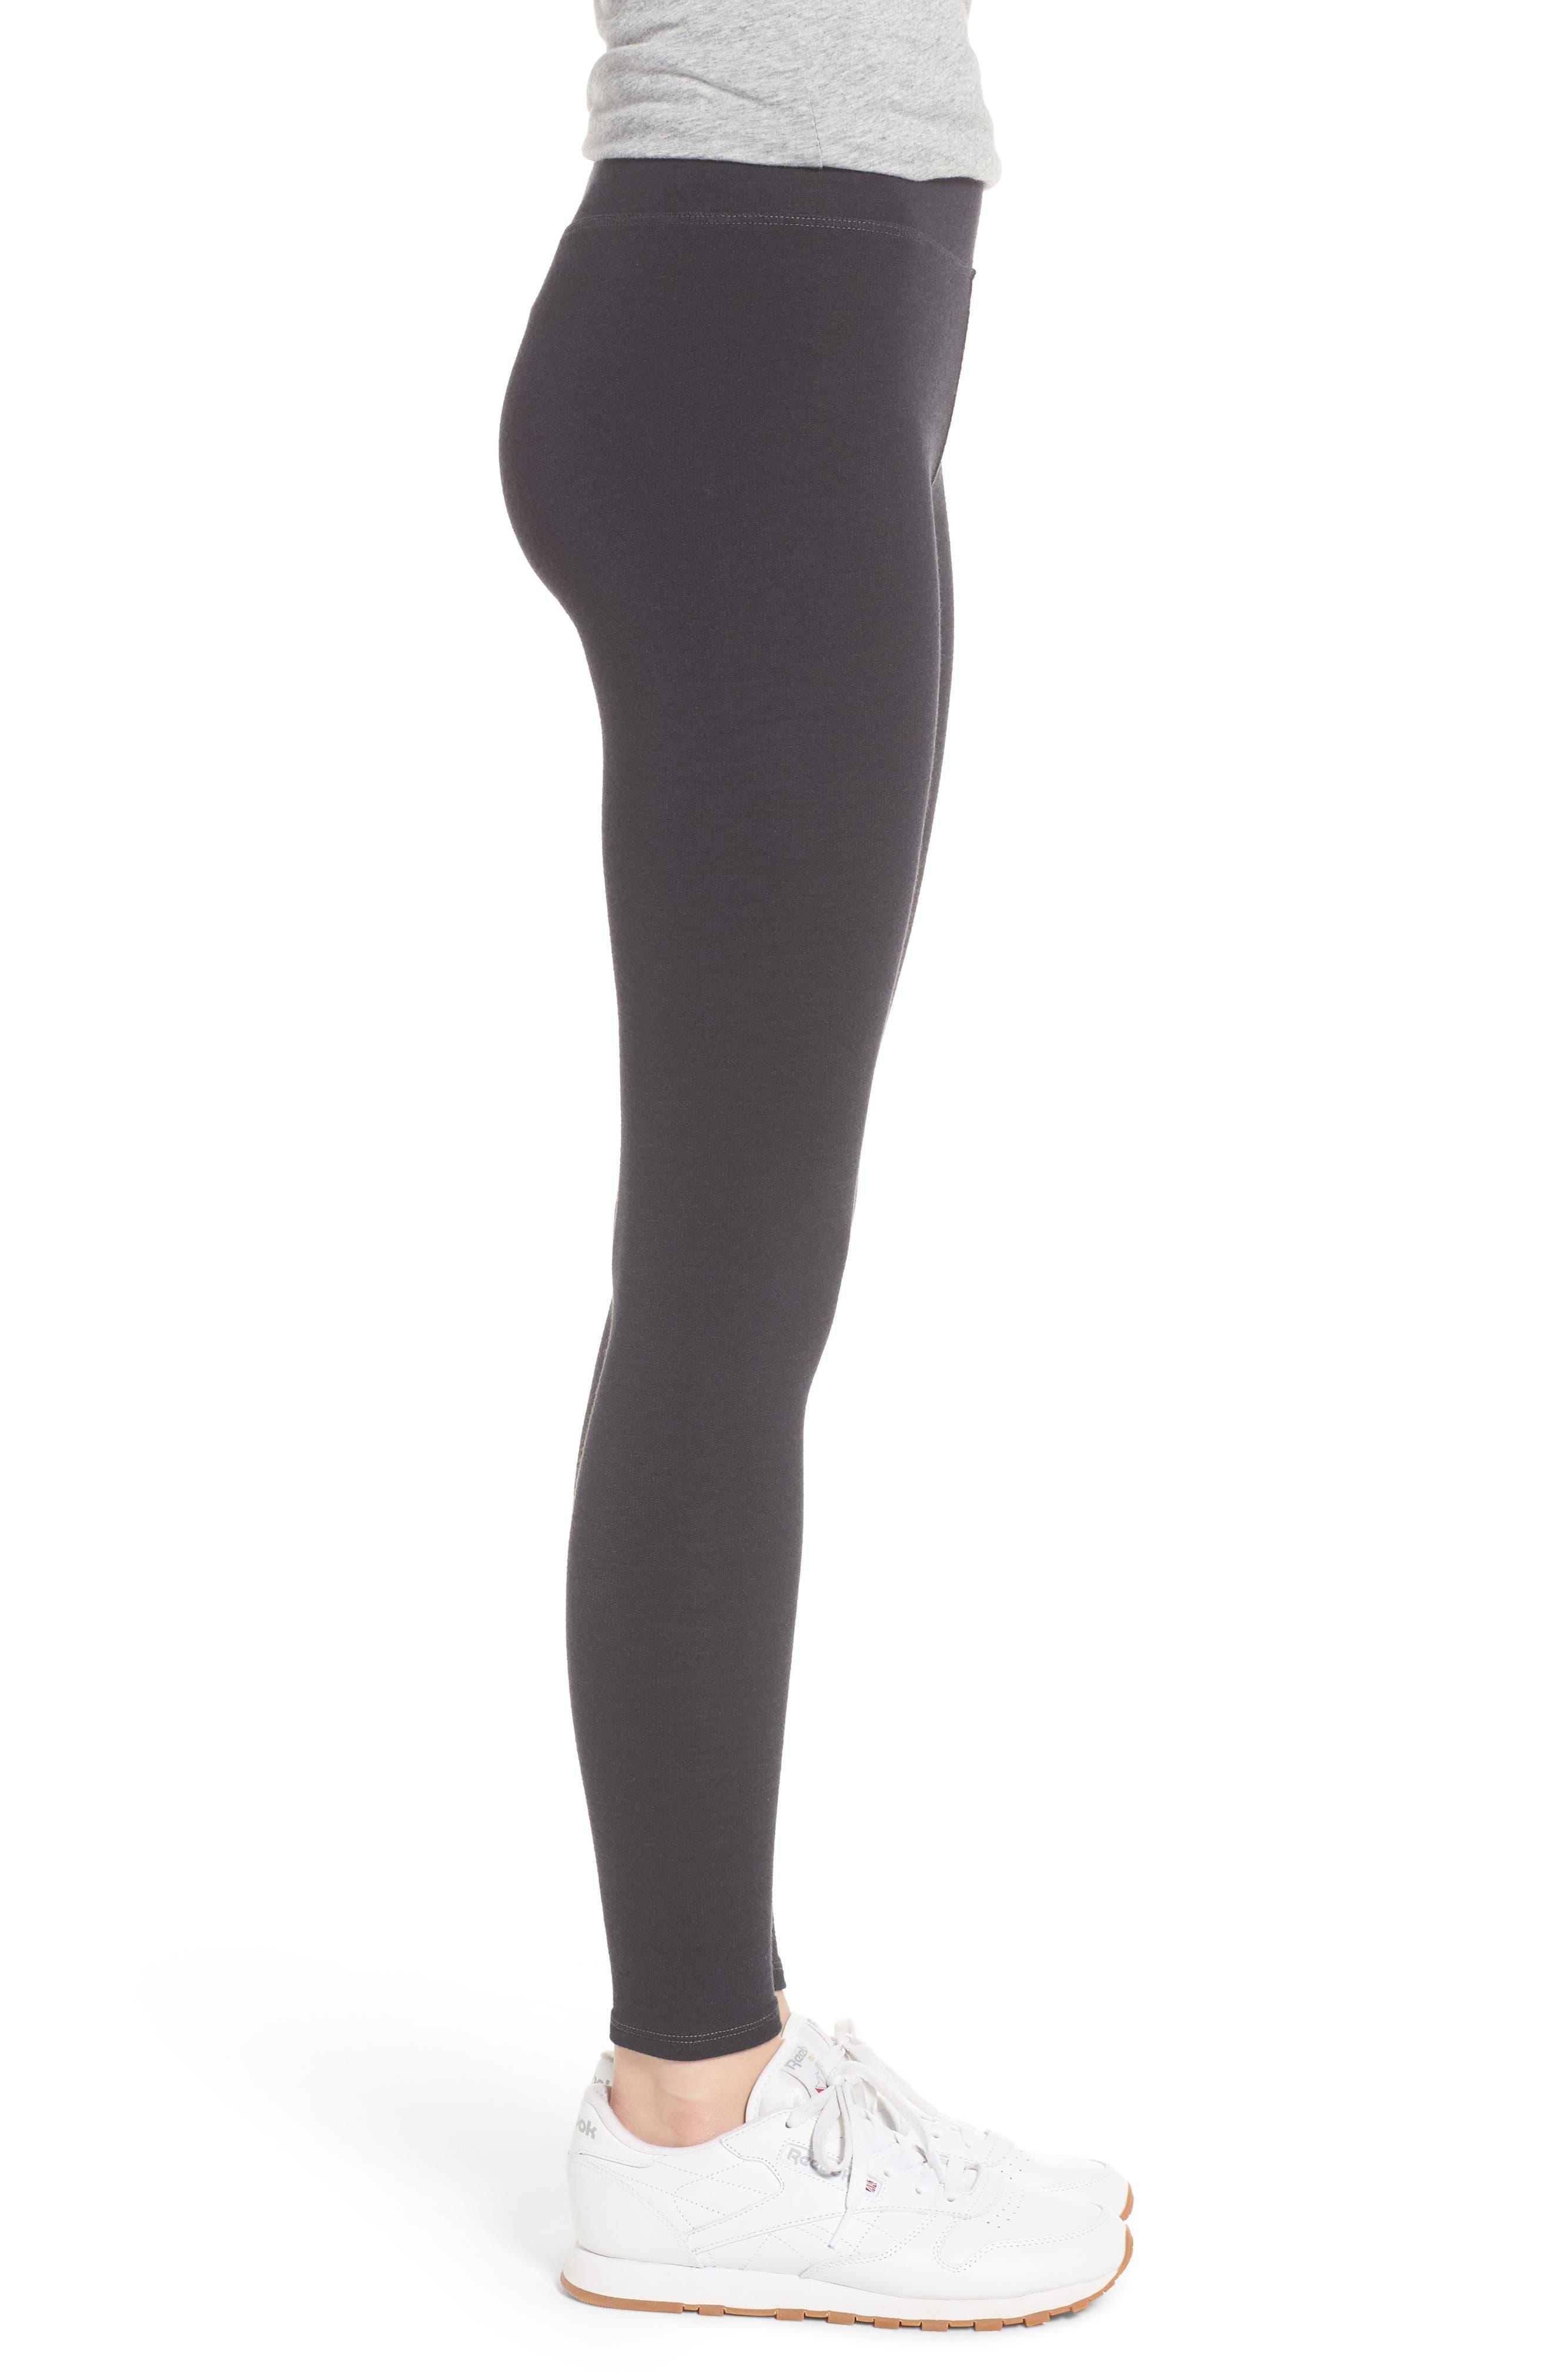 Stripe Yoga Pants,                             Alternate thumbnail 3, color,                             Old Black